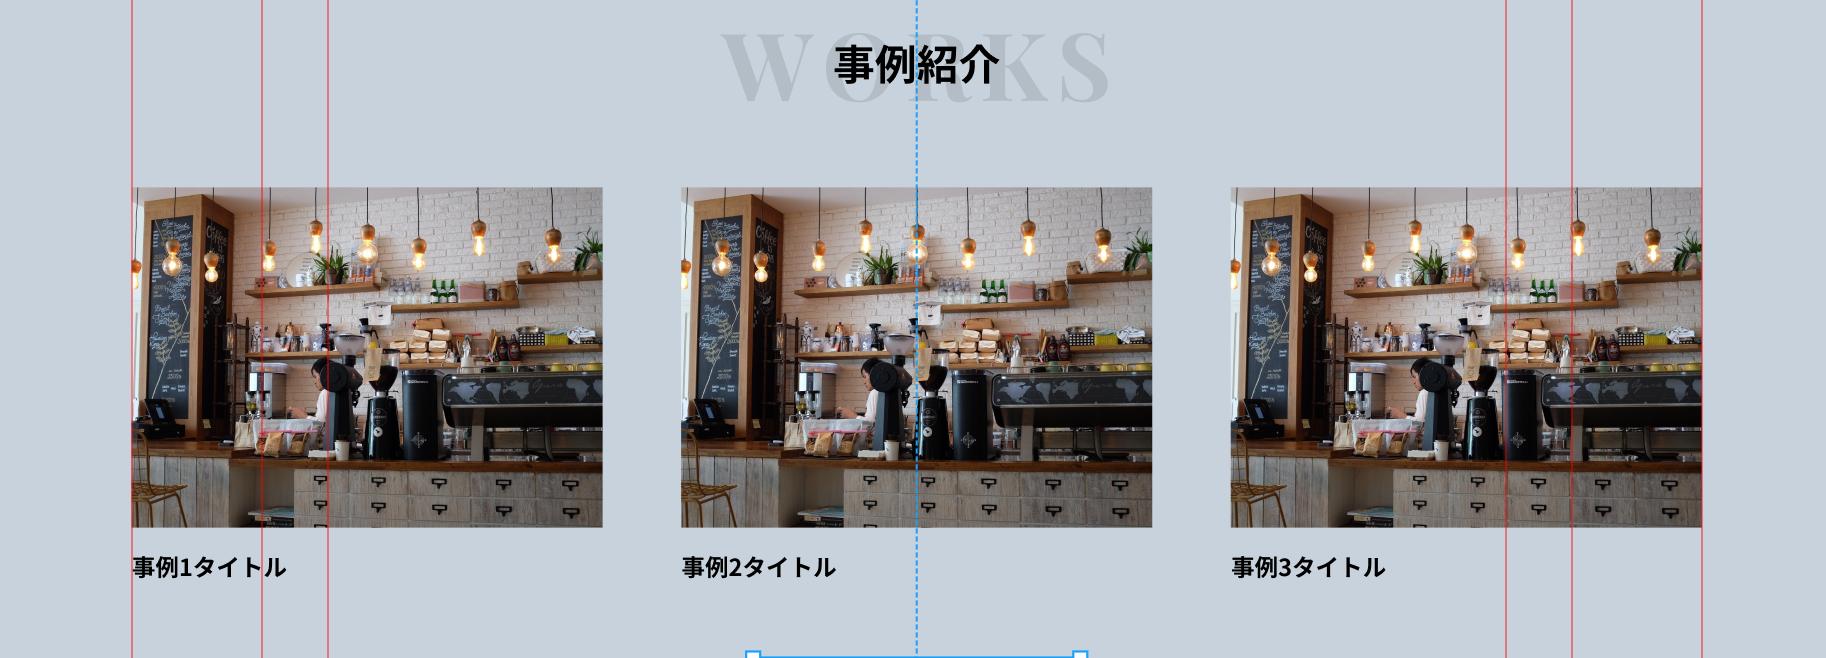 スクリーンショット-2021-08-04-13.59.36